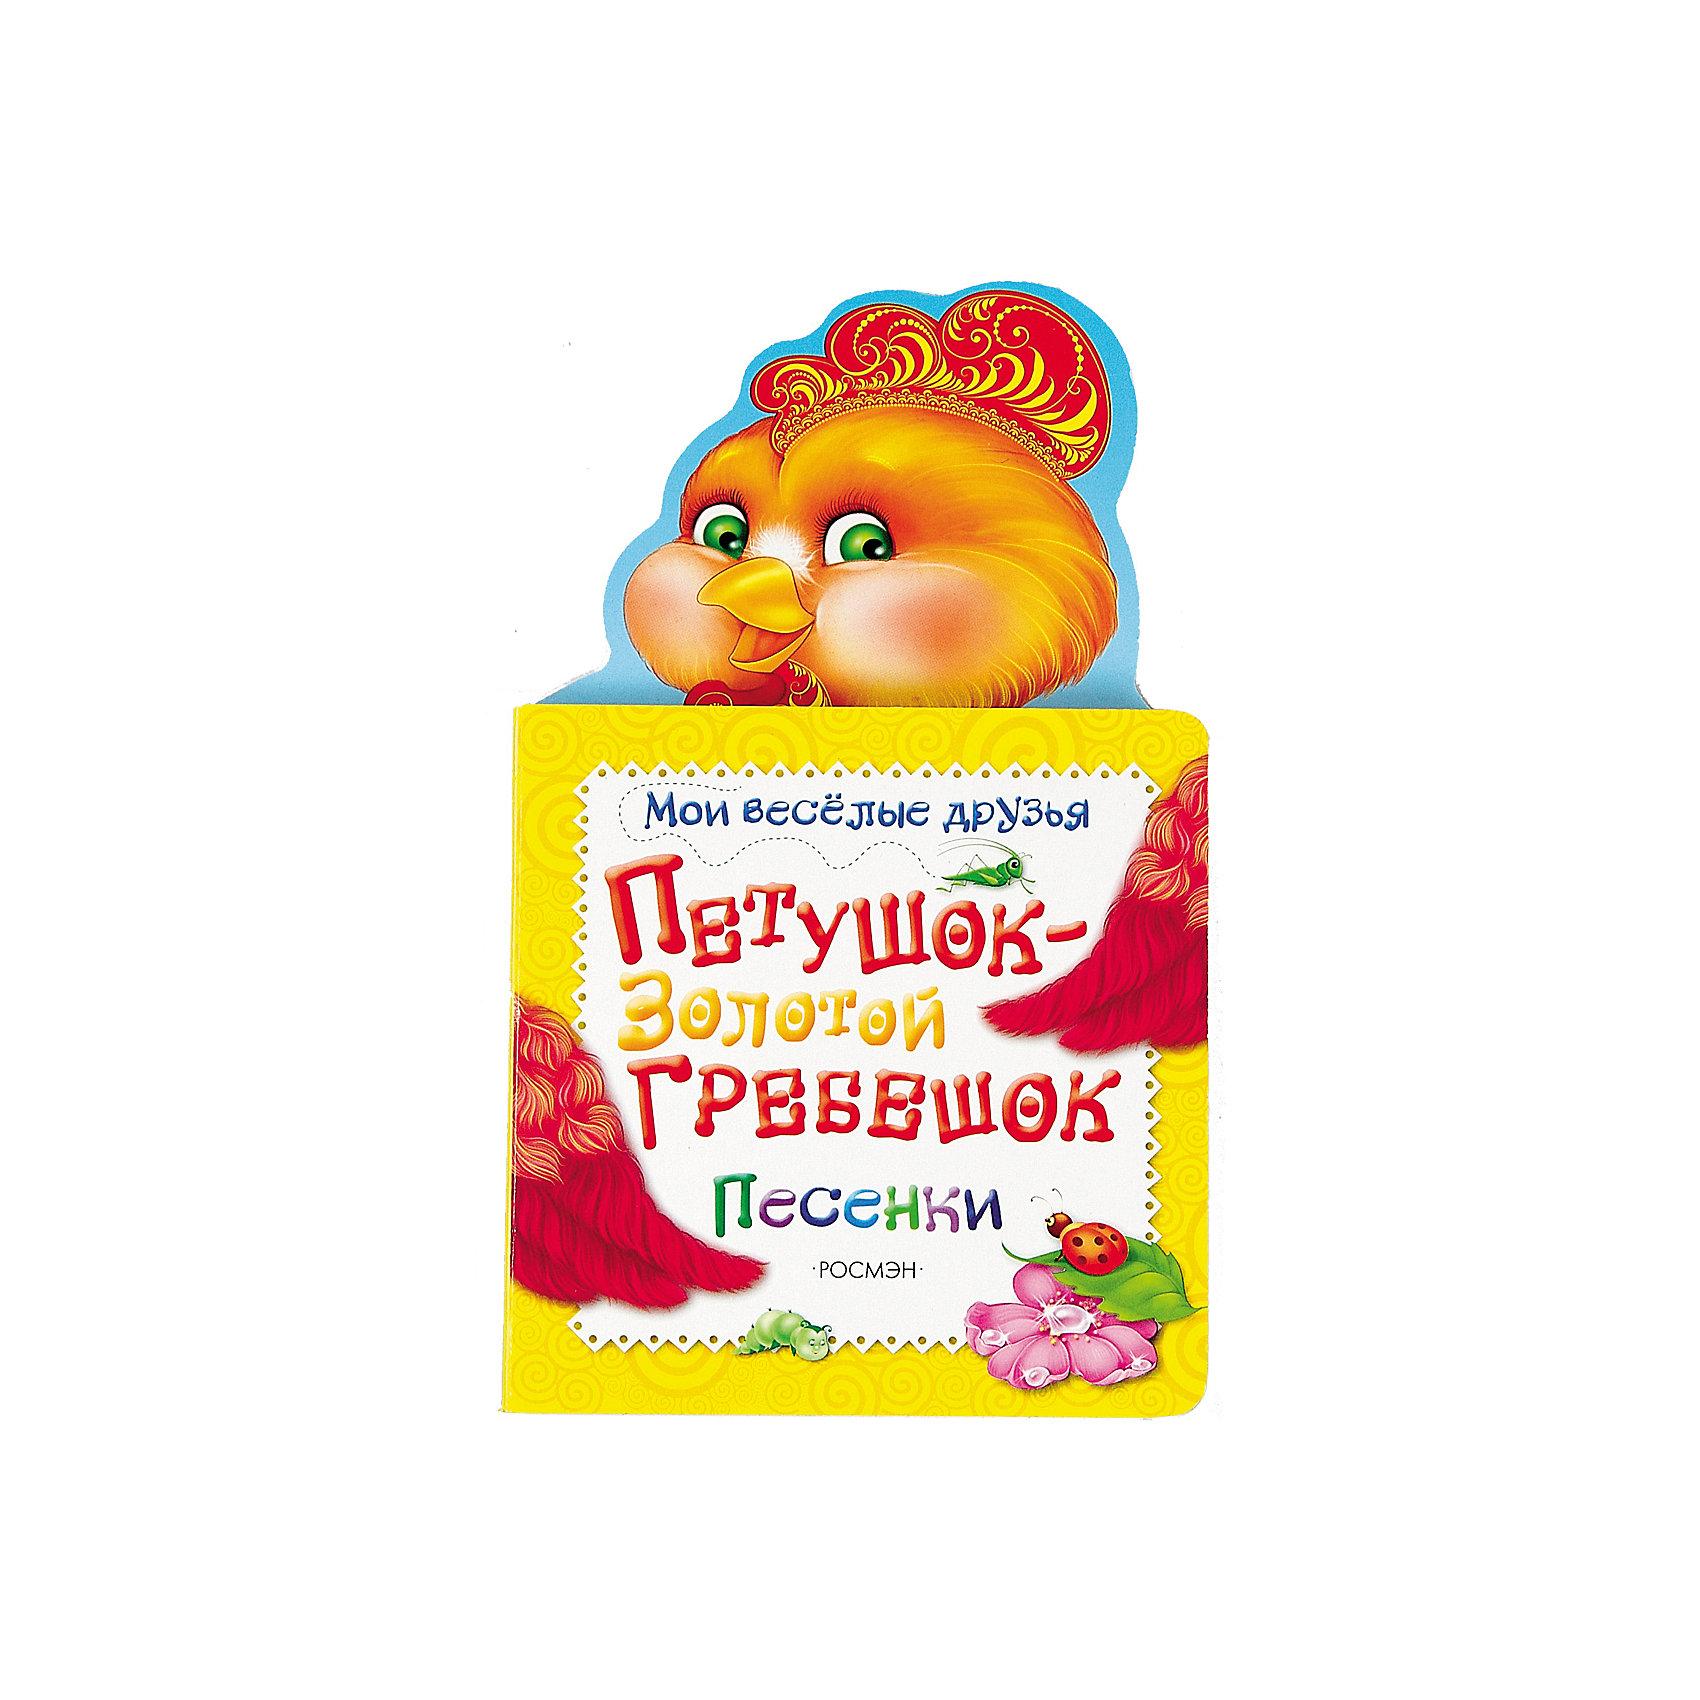 Петушок - золотой гребешок (Мои веселые друзья)Русские сказки<br>Характеристики товара:<br><br>- цвет: разноцветный;<br>- материал: картон;<br>- страниц: 12;<br>- формат: 21 х 13 см;<br>- обложка: картон;<br>- с вырубкой. <br><br>Издания серии Мои веселые друзья - отличный способ занять ребенка! Эта красочная книга станет отличным подарком для родителей и малыша. Она содержит в себе песенки, потешки, стихи, которые так любят дети. Отличный способ привить малышу любовь к чтению!<br>Чтение и рассматривание картинок даже в юном возрасте помогает ребенку развивать память, концентрацию внимания и воображение. Издание произведено из качественных материалов, которые безопасны даже для самых маленьких.<br><br>Издание Петушок - золотой гребешок (Мои веселые друзья) от компании Росмэн можно купить в нашем интернет-магазине.<br><br>Ширина мм: 210<br>Глубина мм: 123<br>Высота мм: 9<br>Вес г: 90<br>Возраст от месяцев: 0<br>Возраст до месяцев: 36<br>Пол: Унисекс<br>Возраст: Детский<br>SKU: 5110072